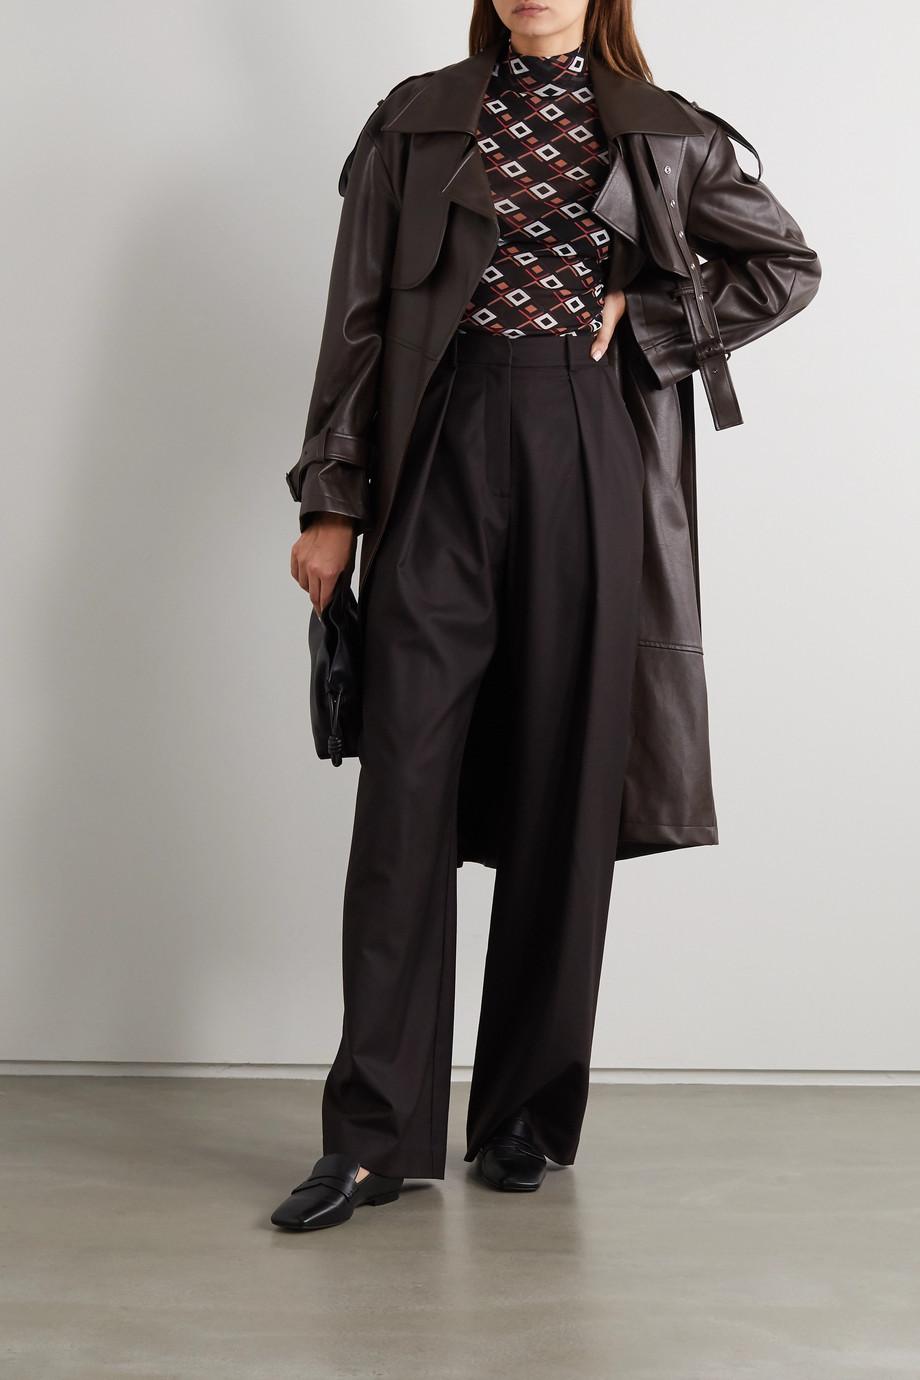 Diane von Furstenberg Remy printed stretch-tulle turtleneck top